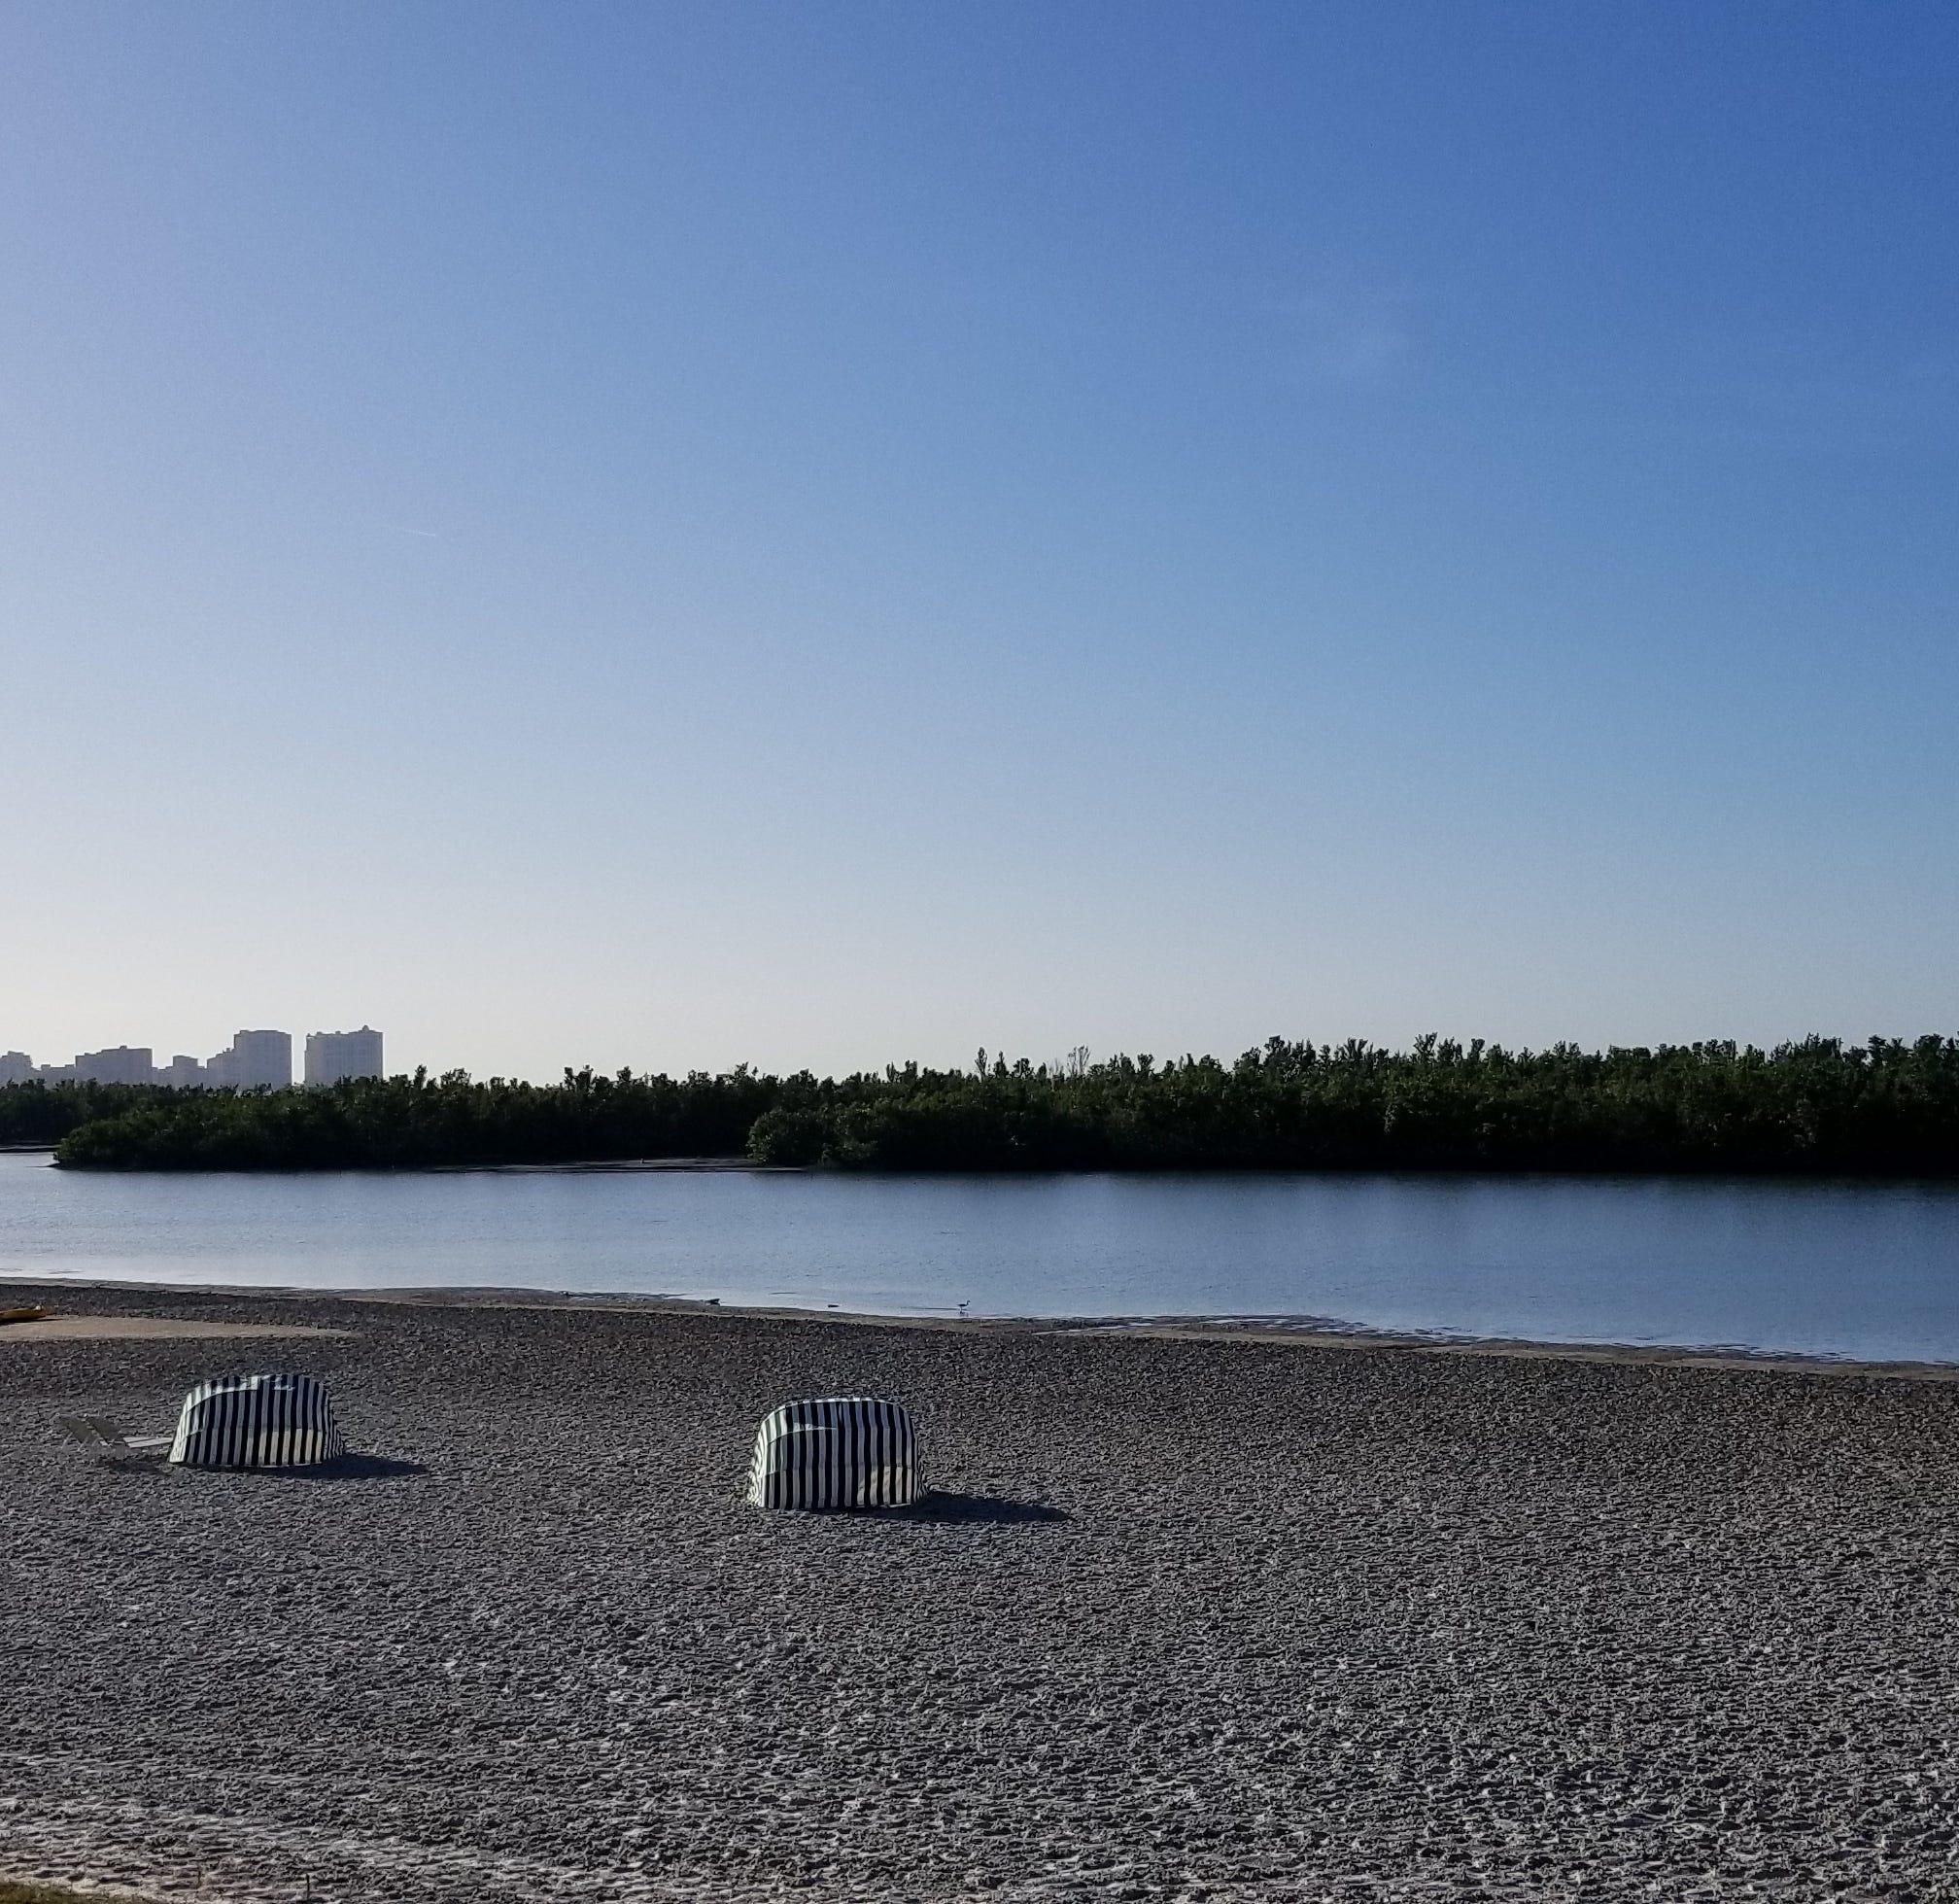 More than 20 help clean up Tigertail Beach Park